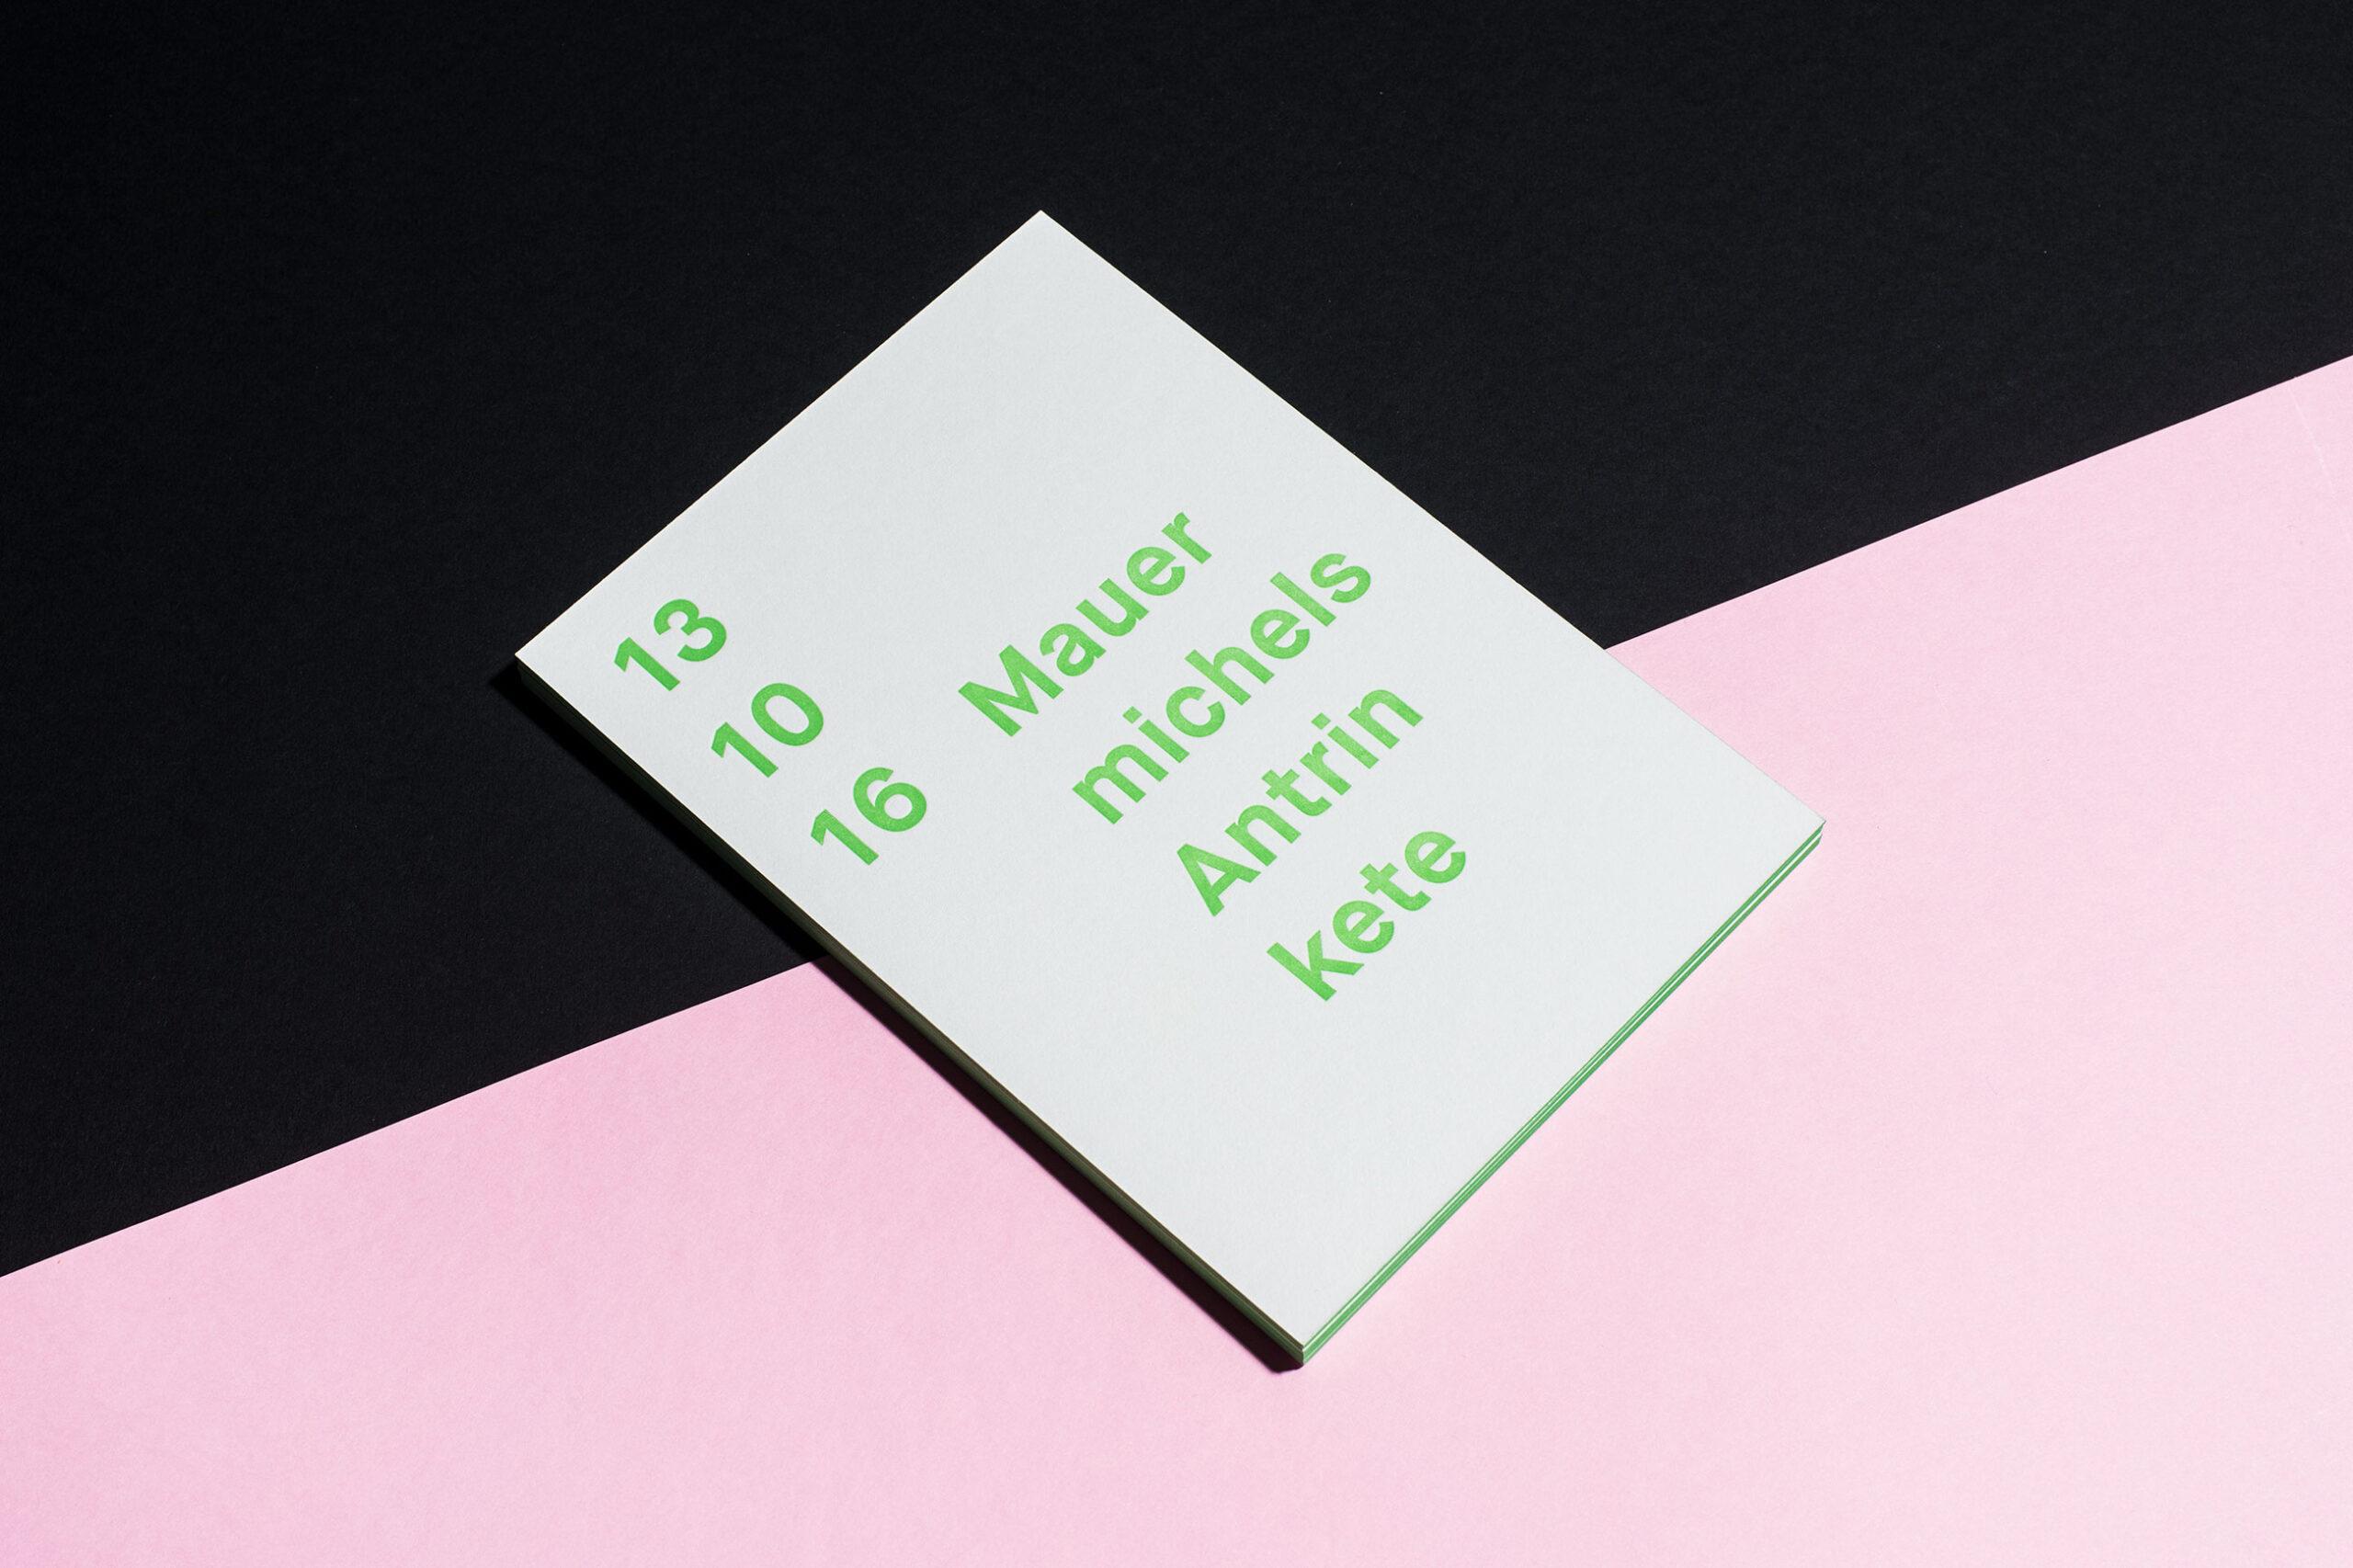 Event Einladung, Melanie Brandel - Manufaktur für Gestaltung, Bern, Solothurn, Design, Grafik, Art Direction, Typografie, Webdesign, Branding, Corporate Design, Editorial Design, Logos, Geschäftsberichte, Buchdesign